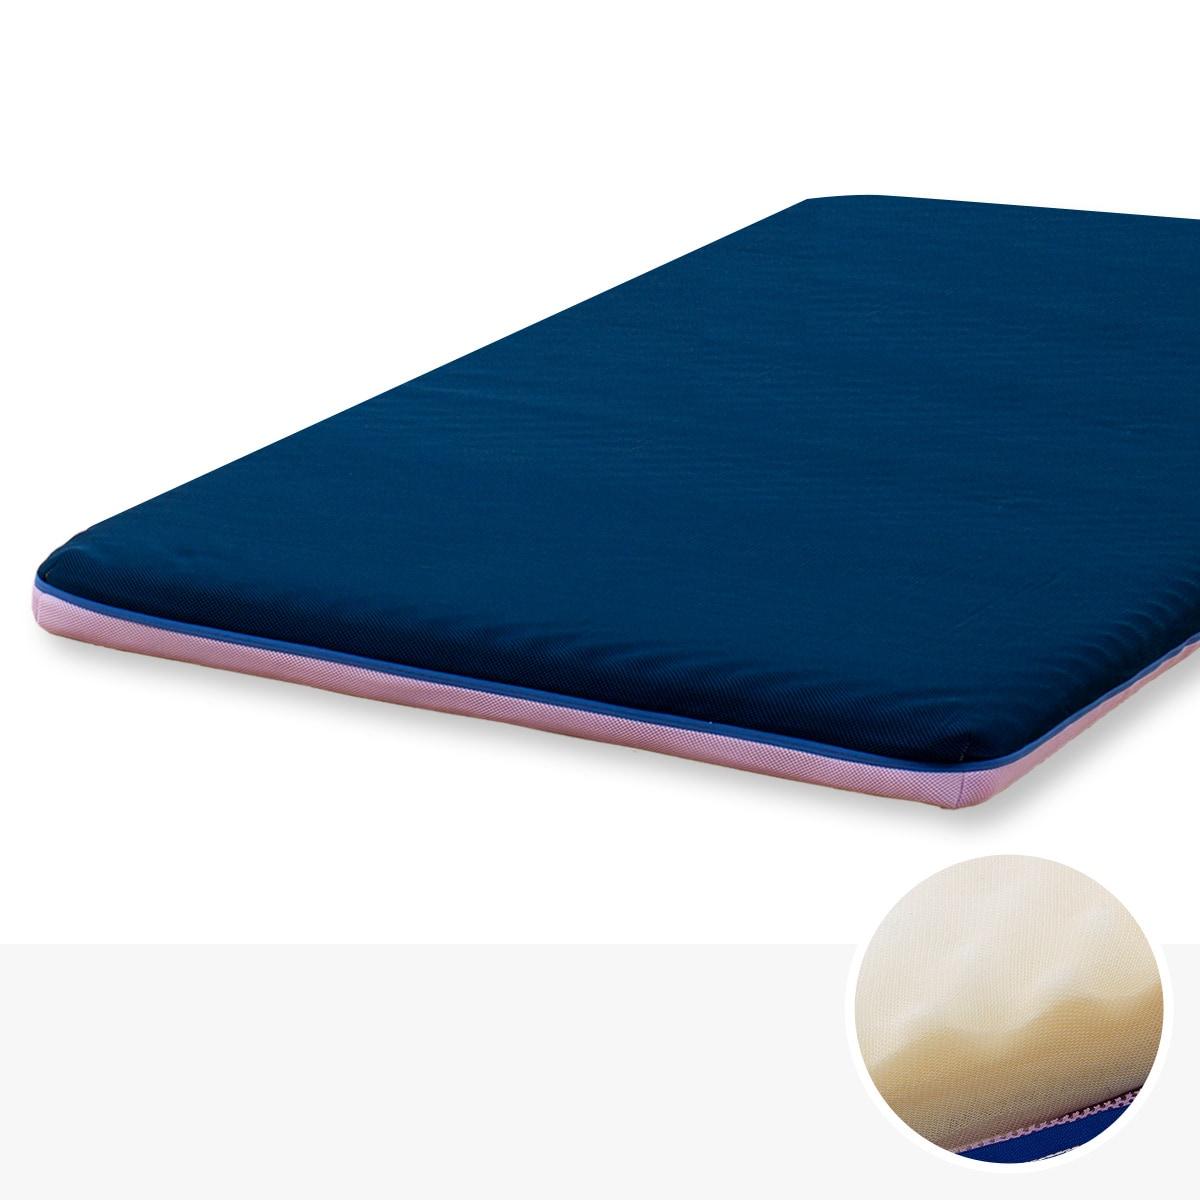 厚さ9cm 2段ベッド対応マットレス ケーシー2 4年保証 シングル マットレス 玄関先迄納品 ニトリ 時間指定不可 ノンコイル 1年保証